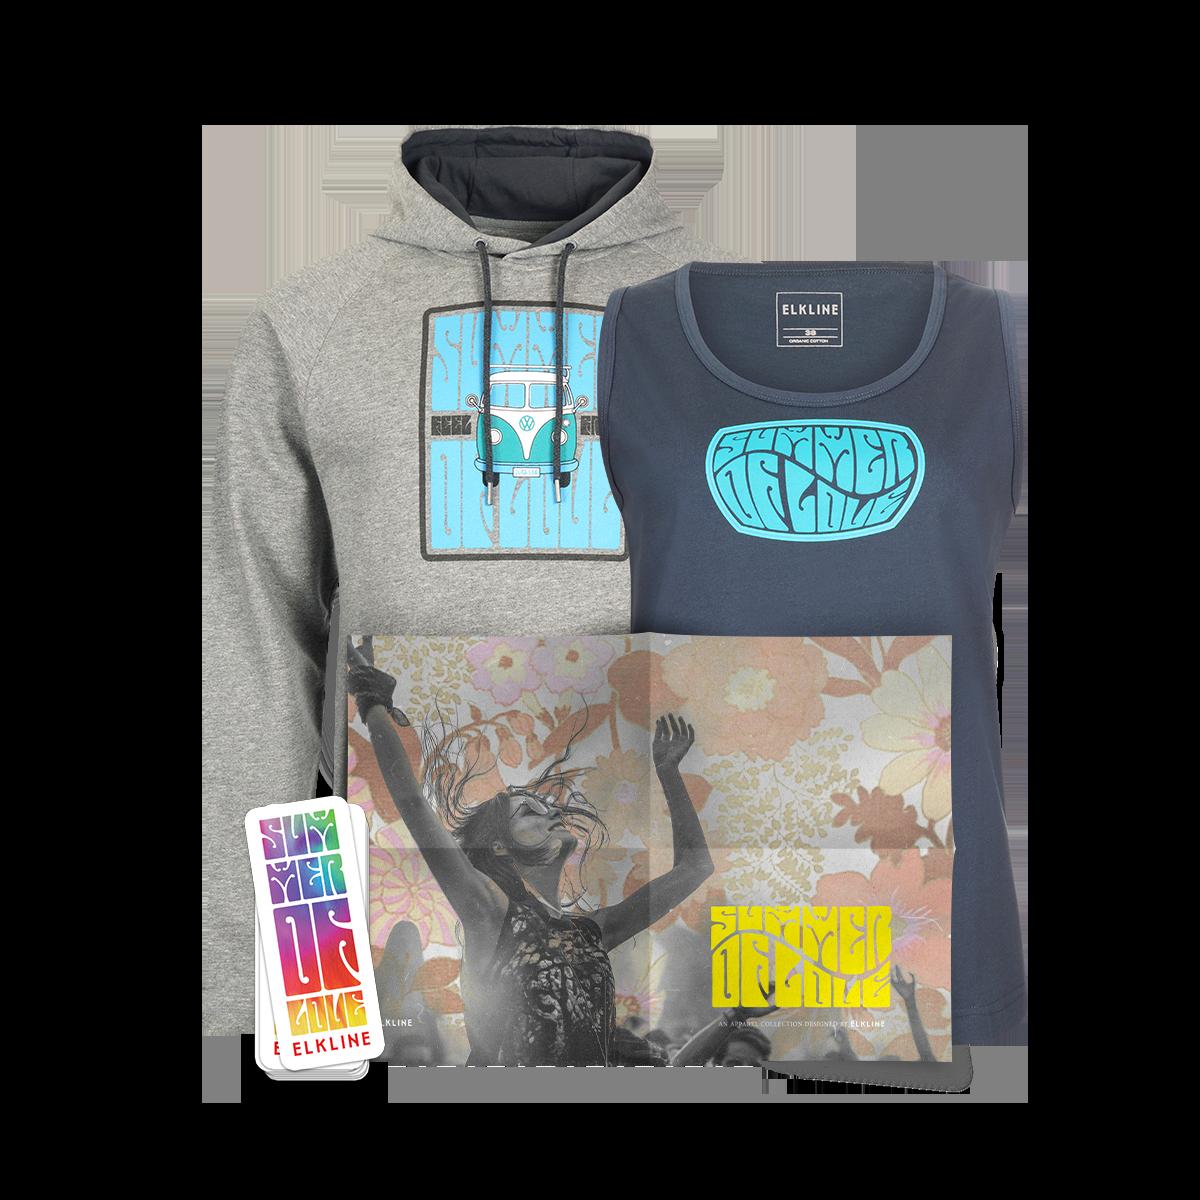 Trage dich zum Newsletter ein und mache am Gewinnspiel mit. Zu gewinnen gibt es das ultimative Summer of Love Set, bestehend aus Sweater, T-Shirt, Poster und Sticker.